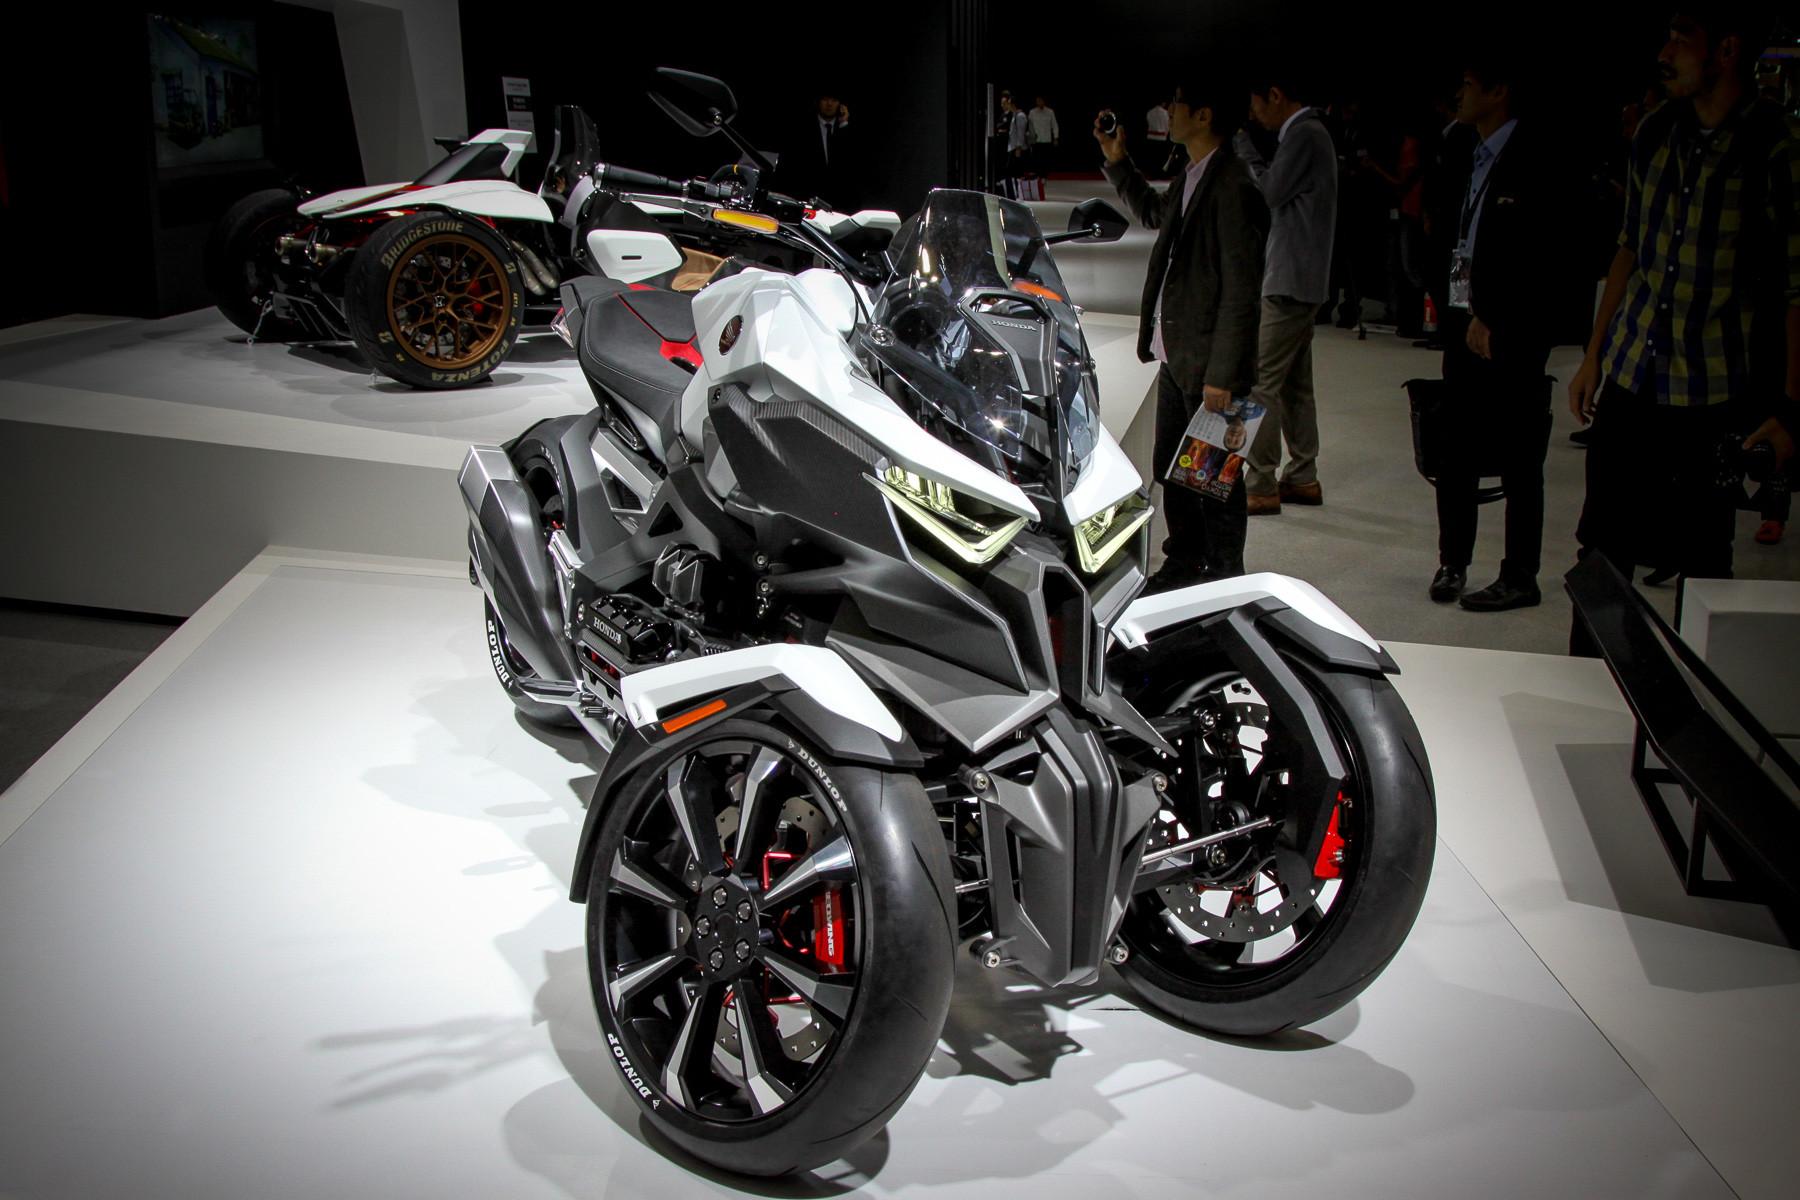 пассажиры картинки самого крутого мотоцикла в мире чтобы